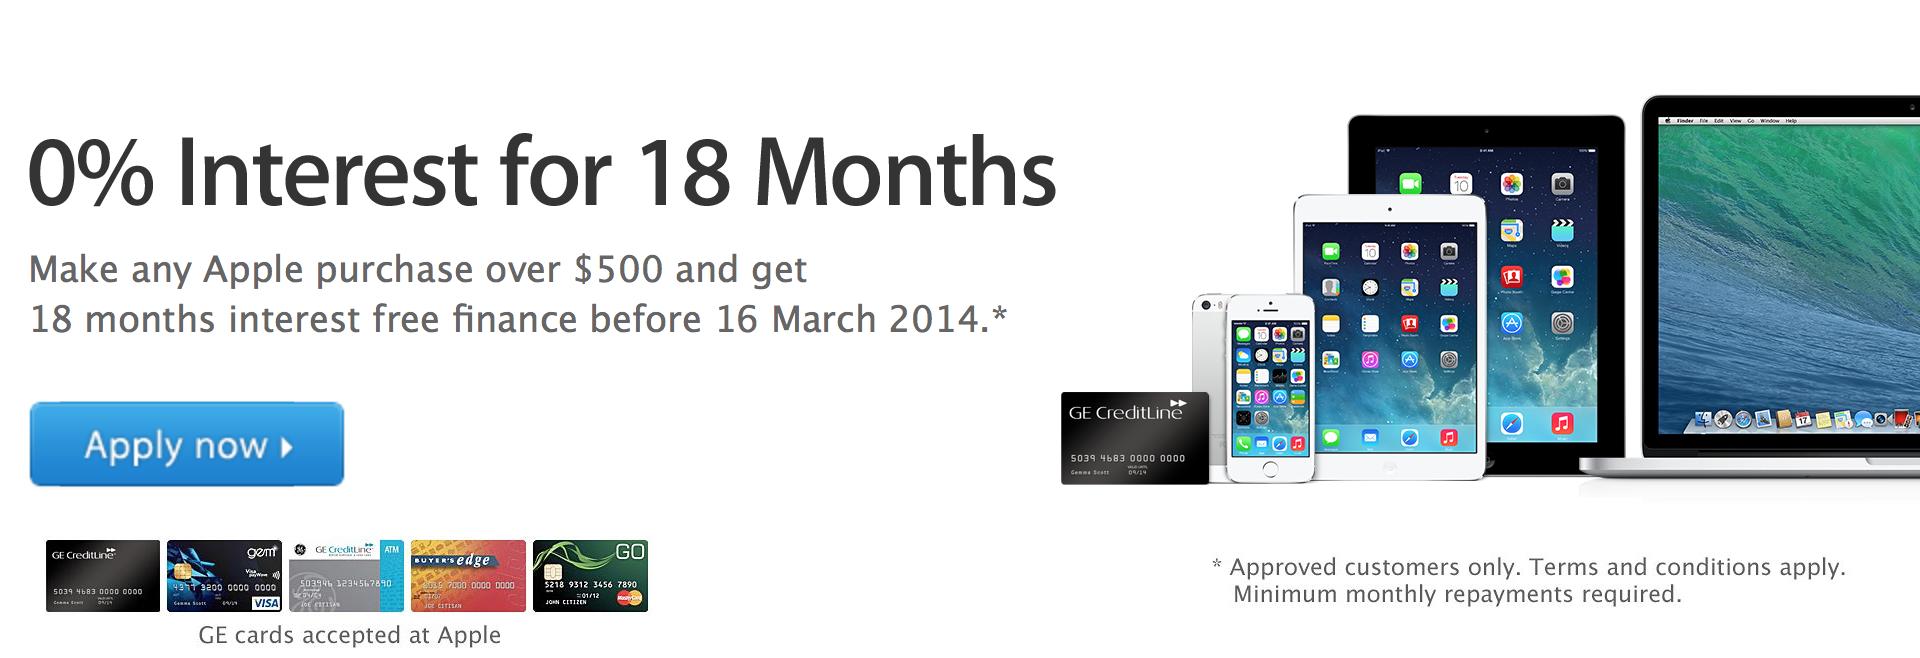 Apple interest free mac ipad